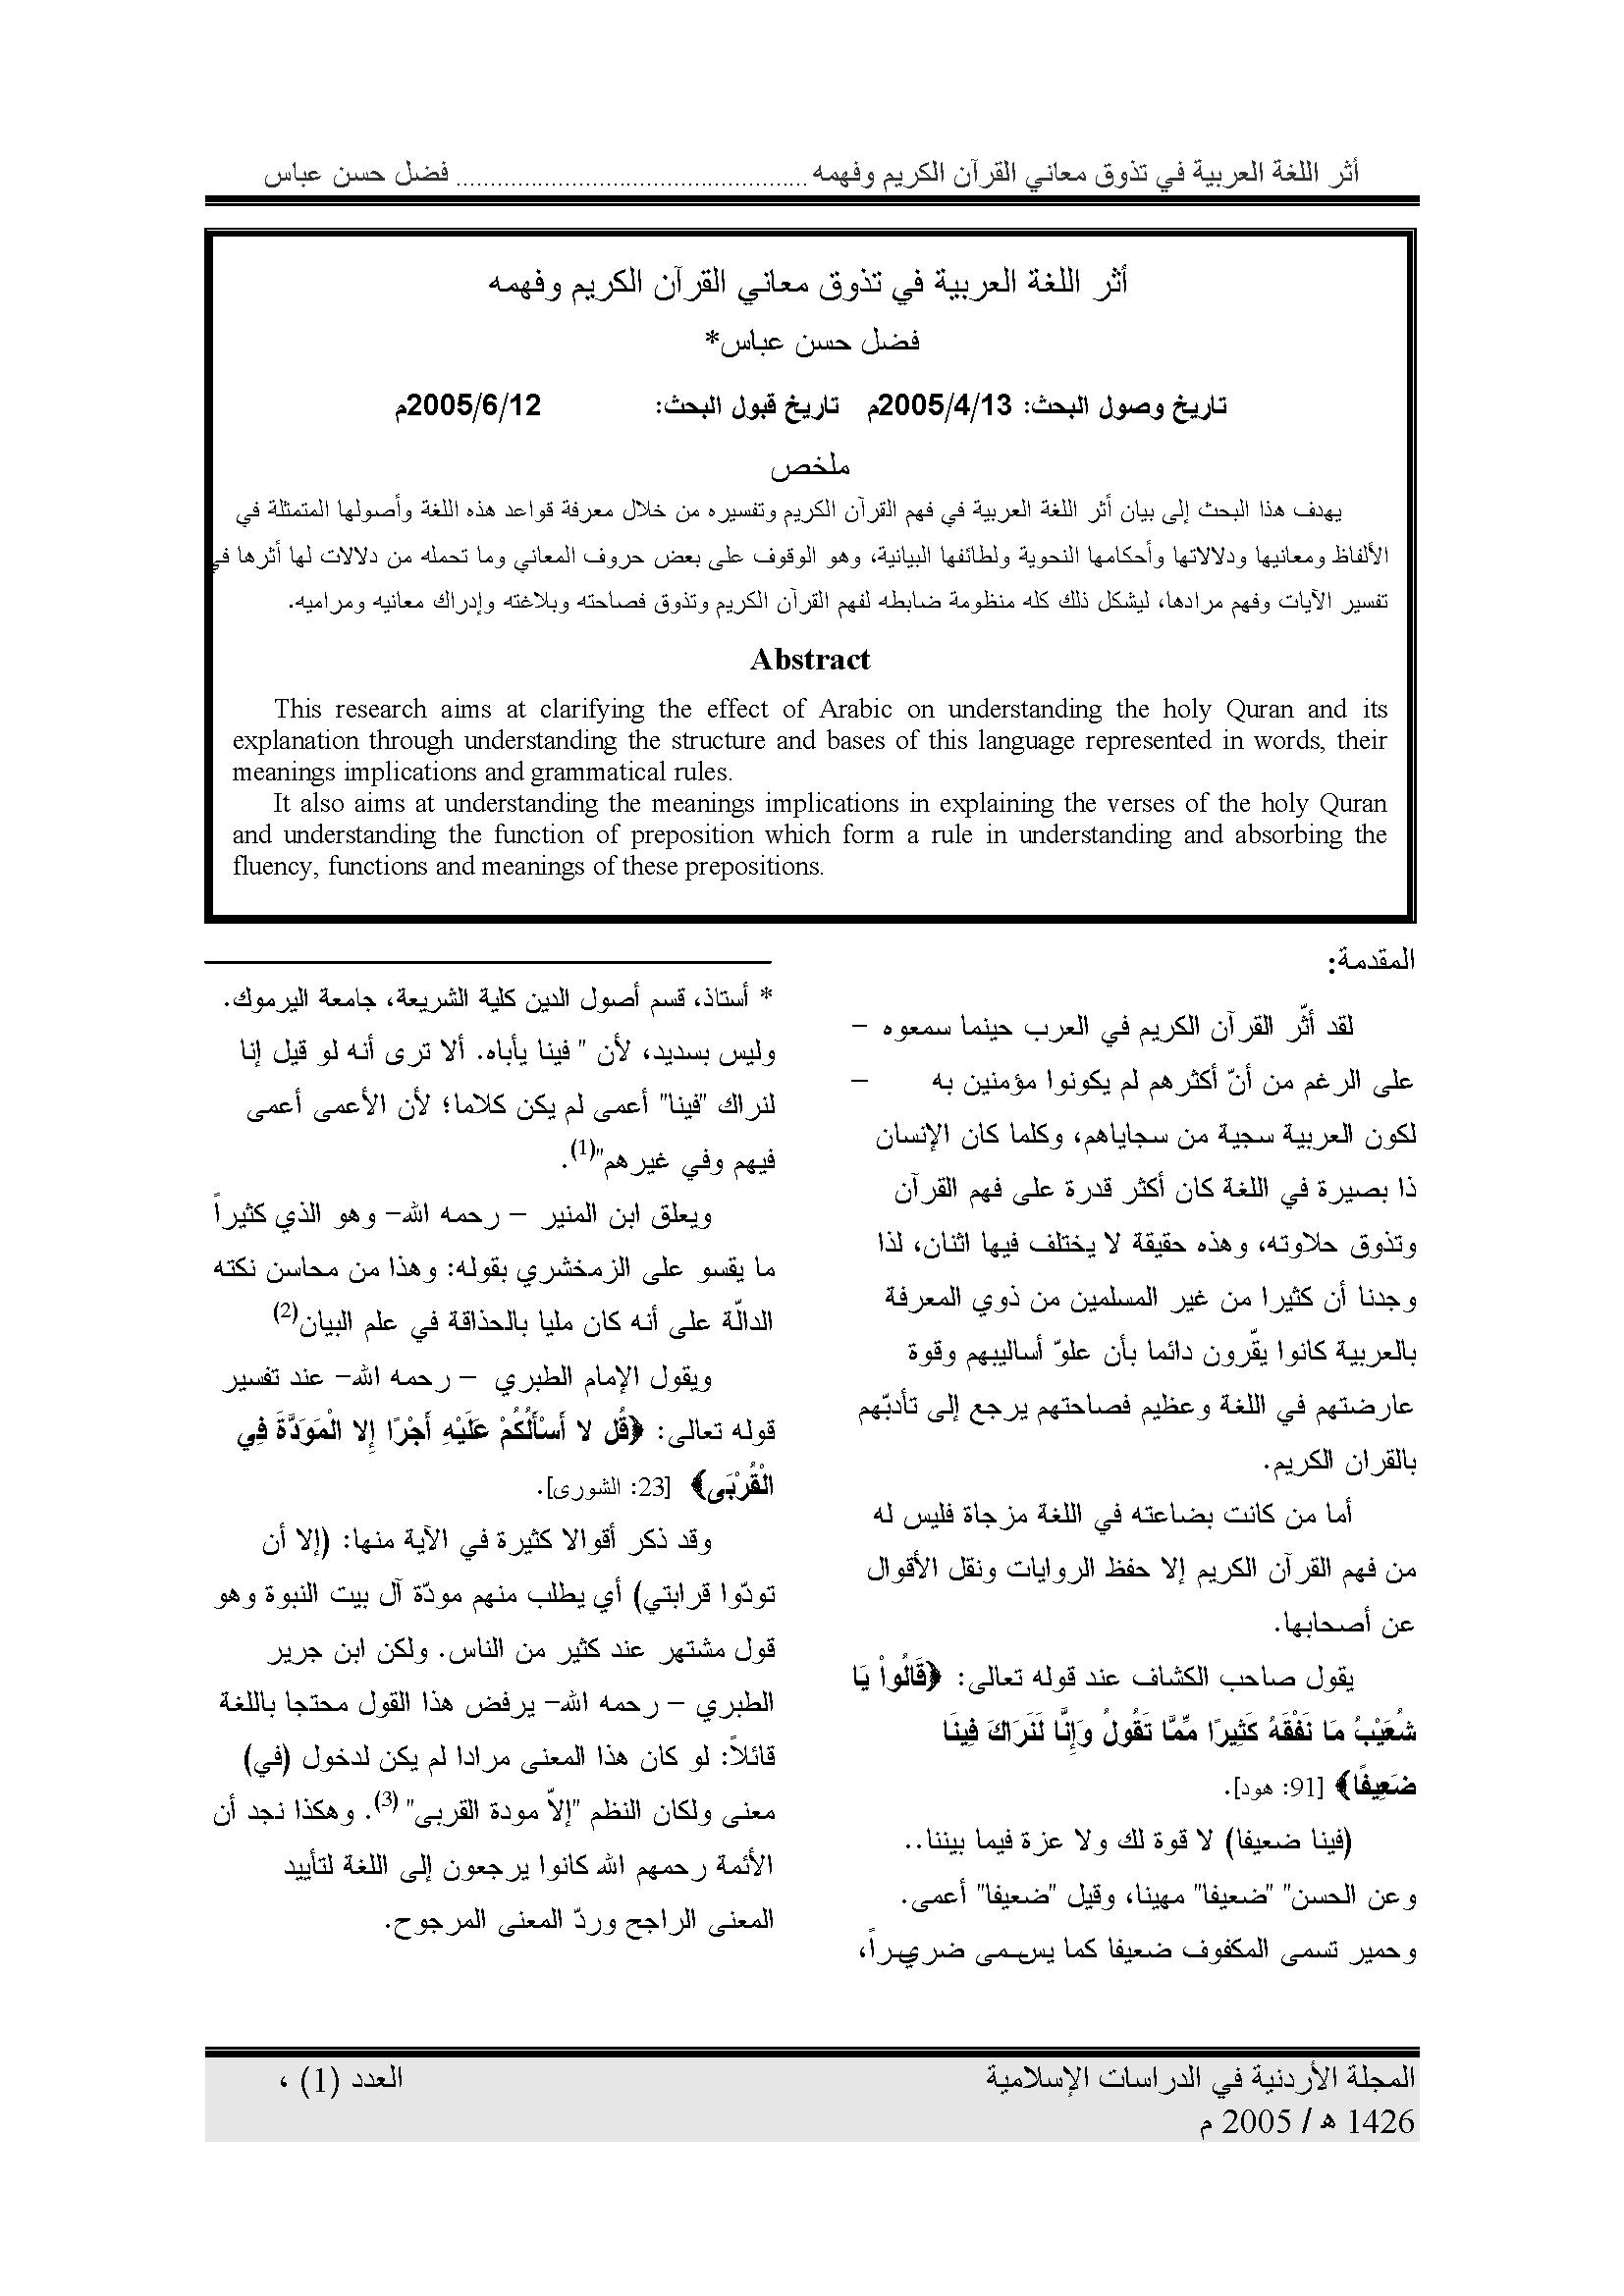 تحميل كتاب أثر اللغة العربية في تذوق معاني القرآن الكريم وفهمه لـِ: الدكتور أبو محمد فضل حسن عباس (ت 1432)